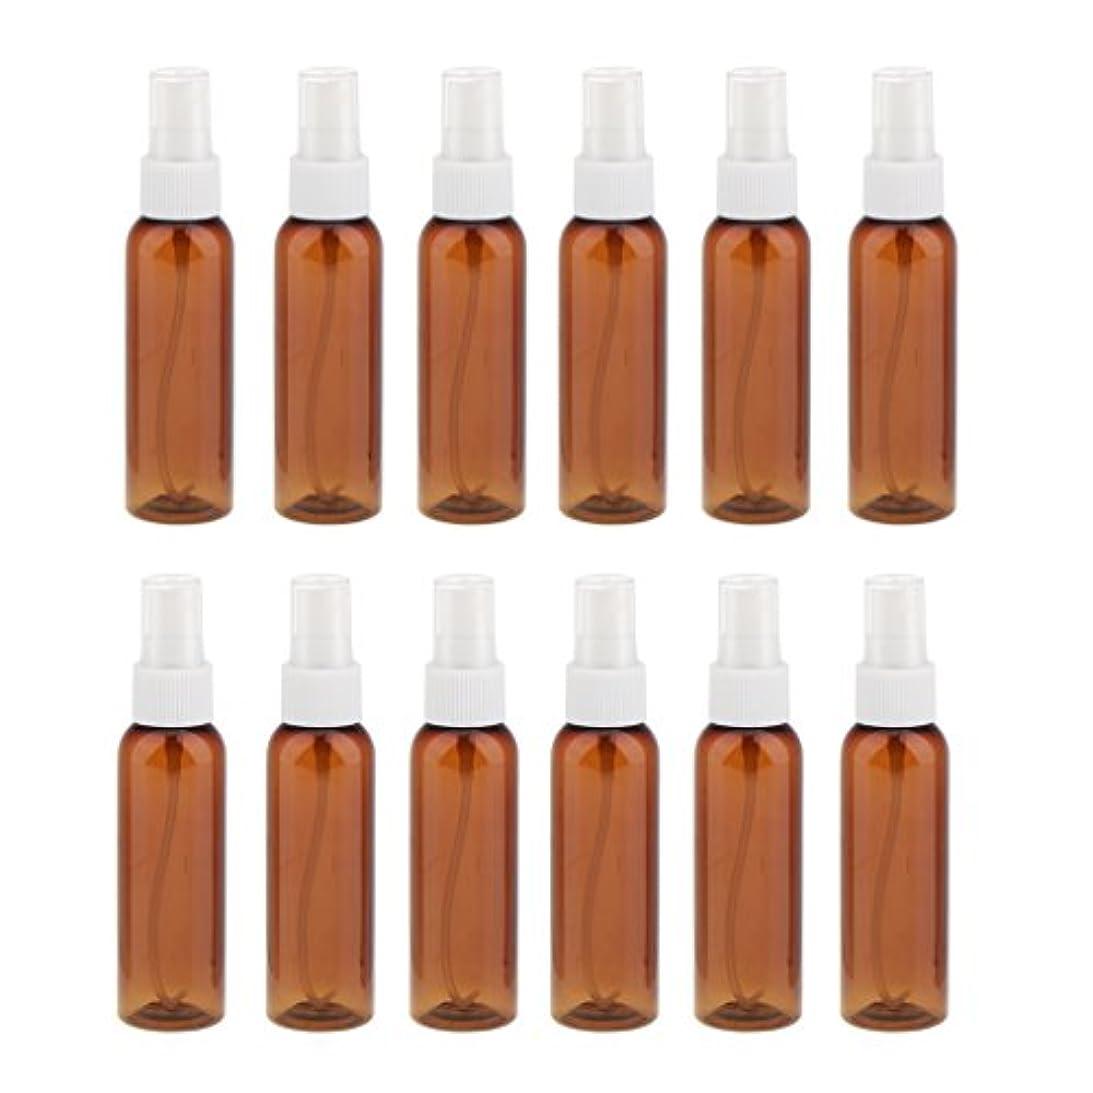 以内に装置モザイクSONONIA 詰め替え 化粧品容器 コンセプト 空のスプレーボトル 旅行 漏れ防止 60ml 12本 全3色 - 白